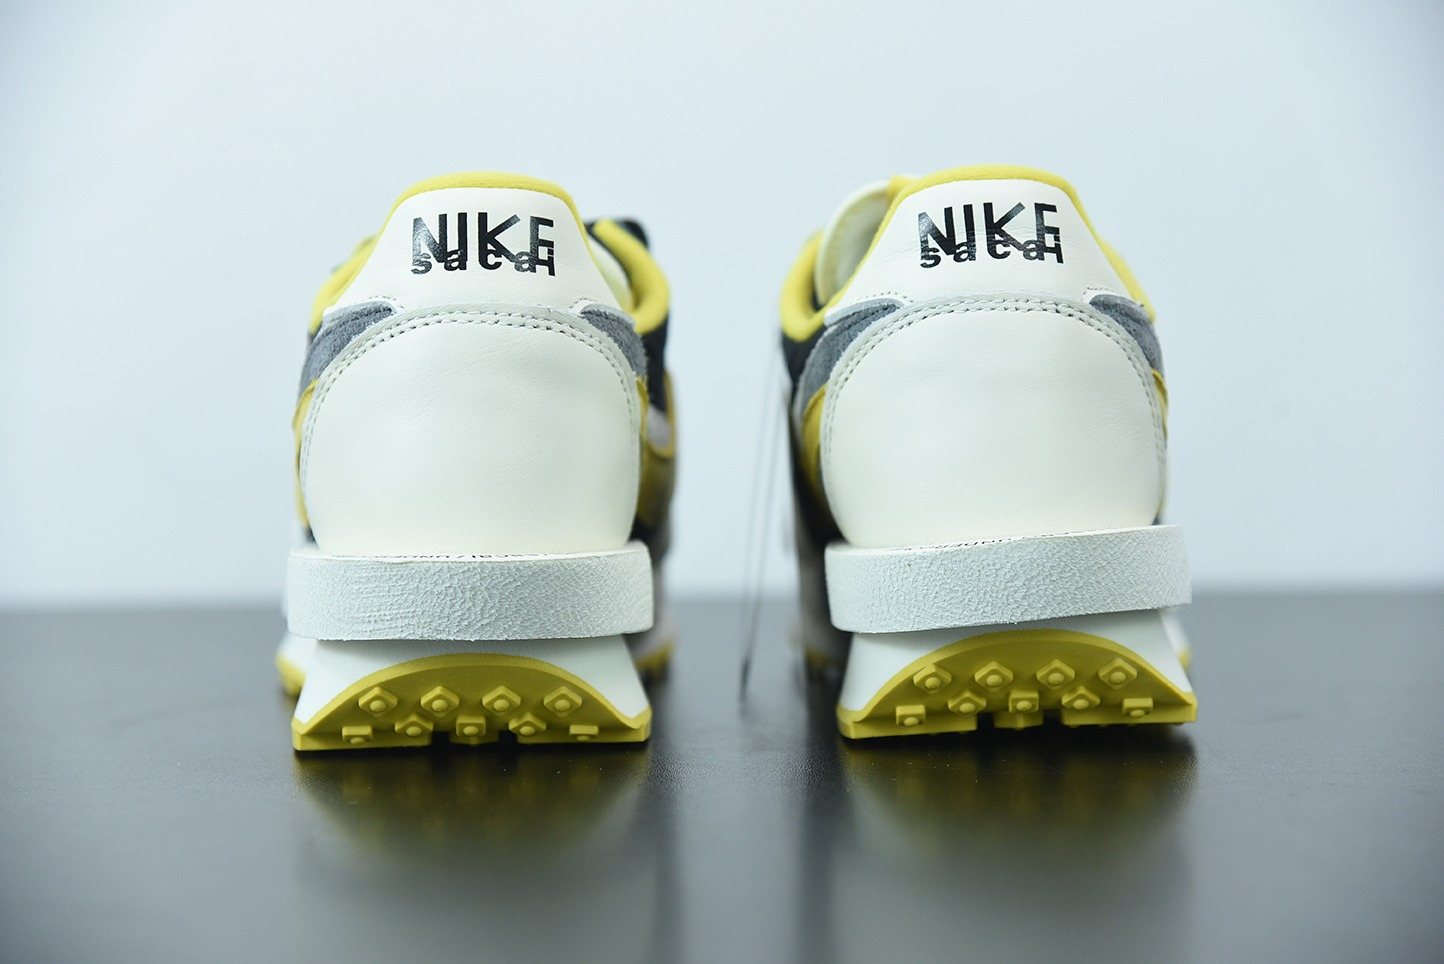 耐克Nike SACAI X UNDERCOVER X LDWAFFLE三方联名白黑黄复古休闲鞋纯原版本 货号:DJ4877-001